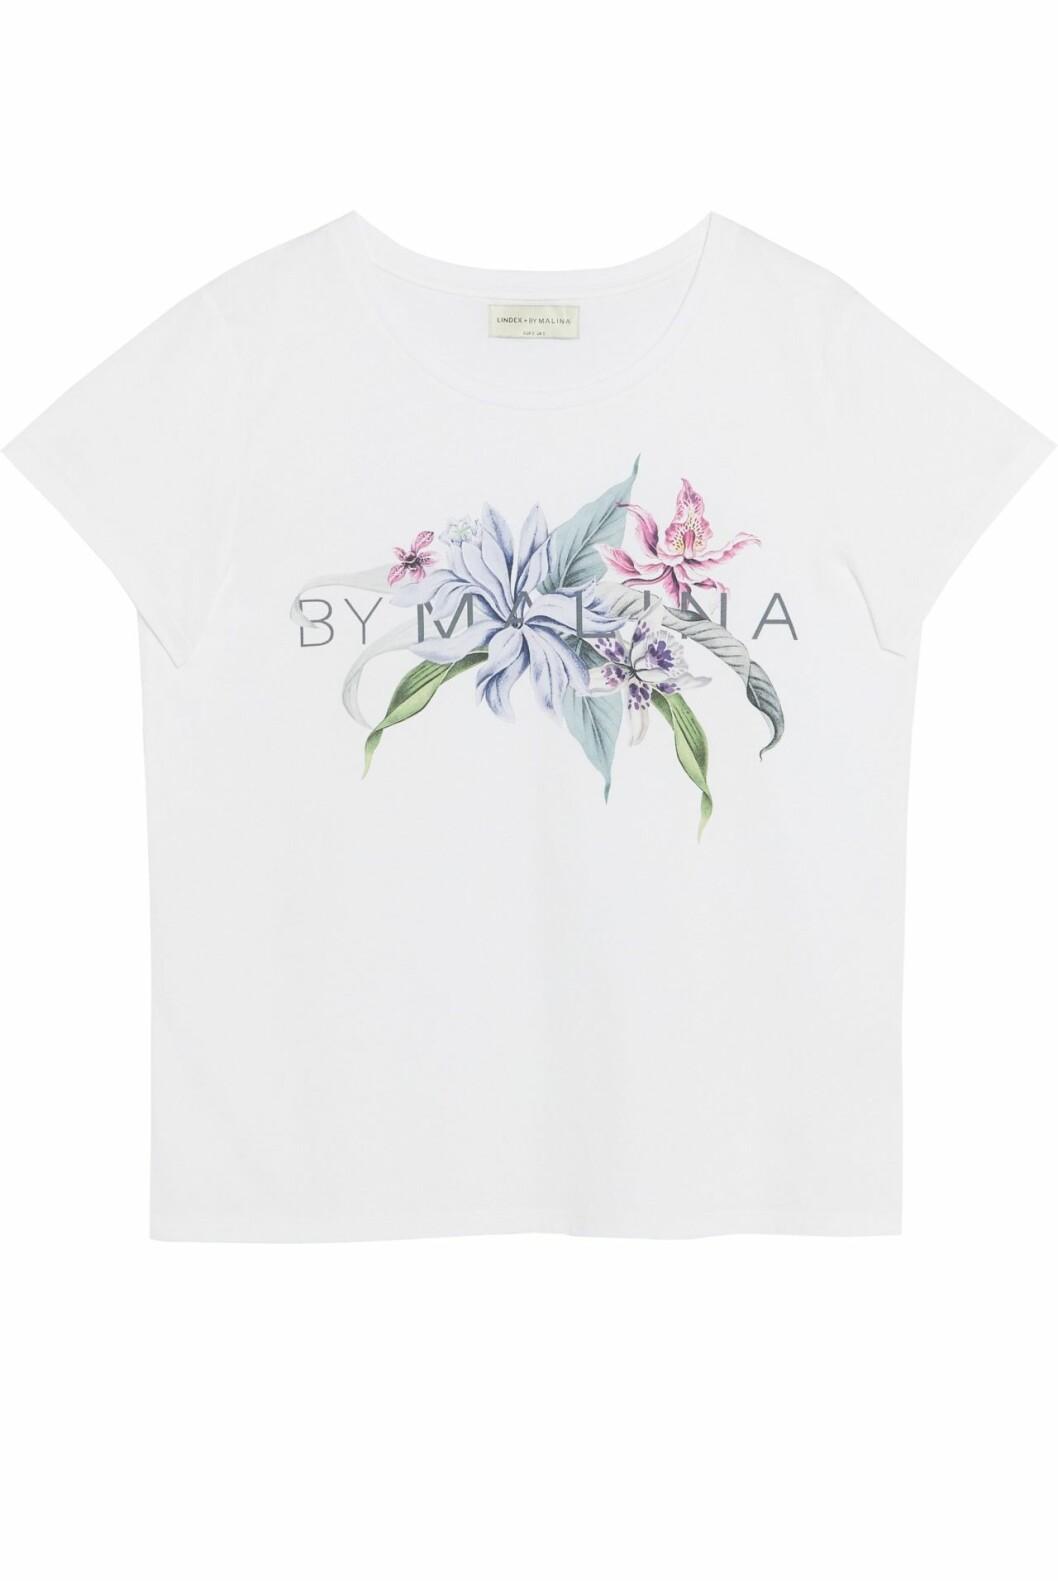 Lindex och By Malinas sommarkollektion – vit t-shirt med tryck